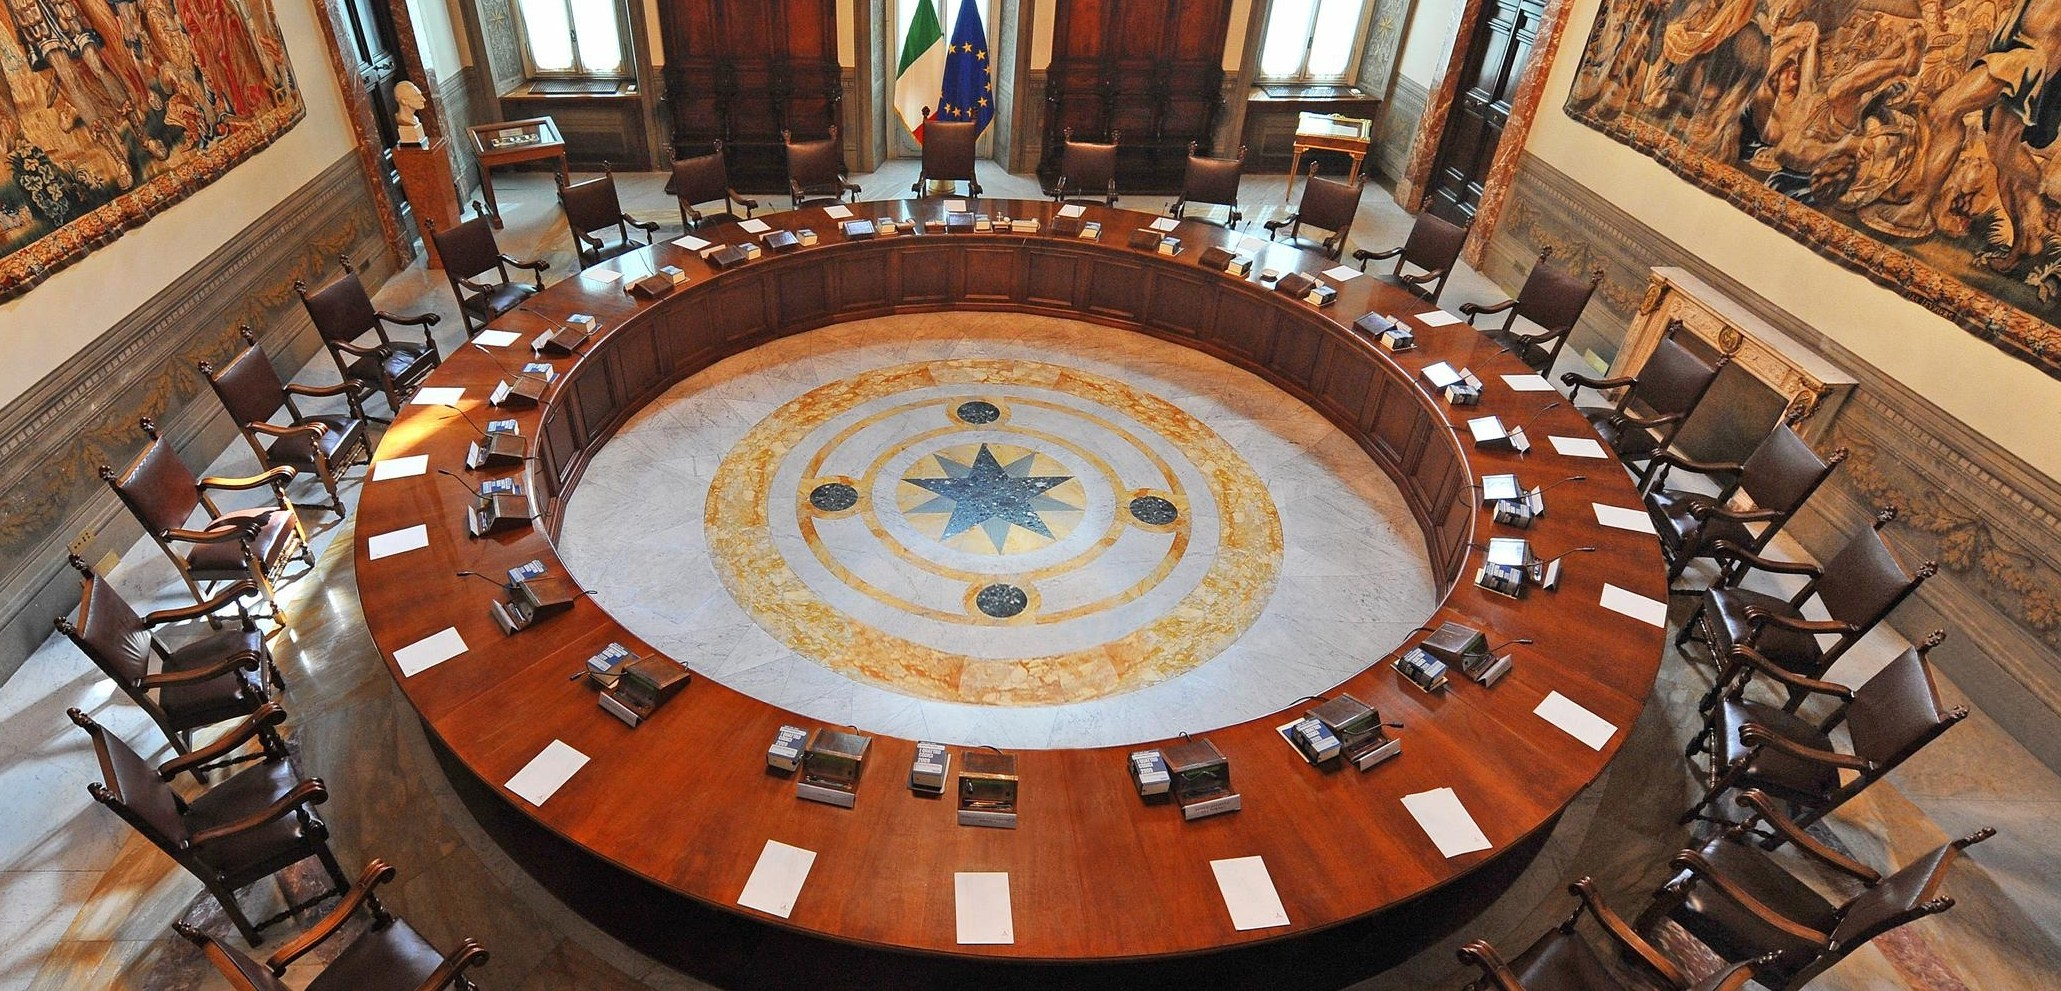 Giorno decisivo per il Decreto crescita, attesa del Cdm per l'approvazione